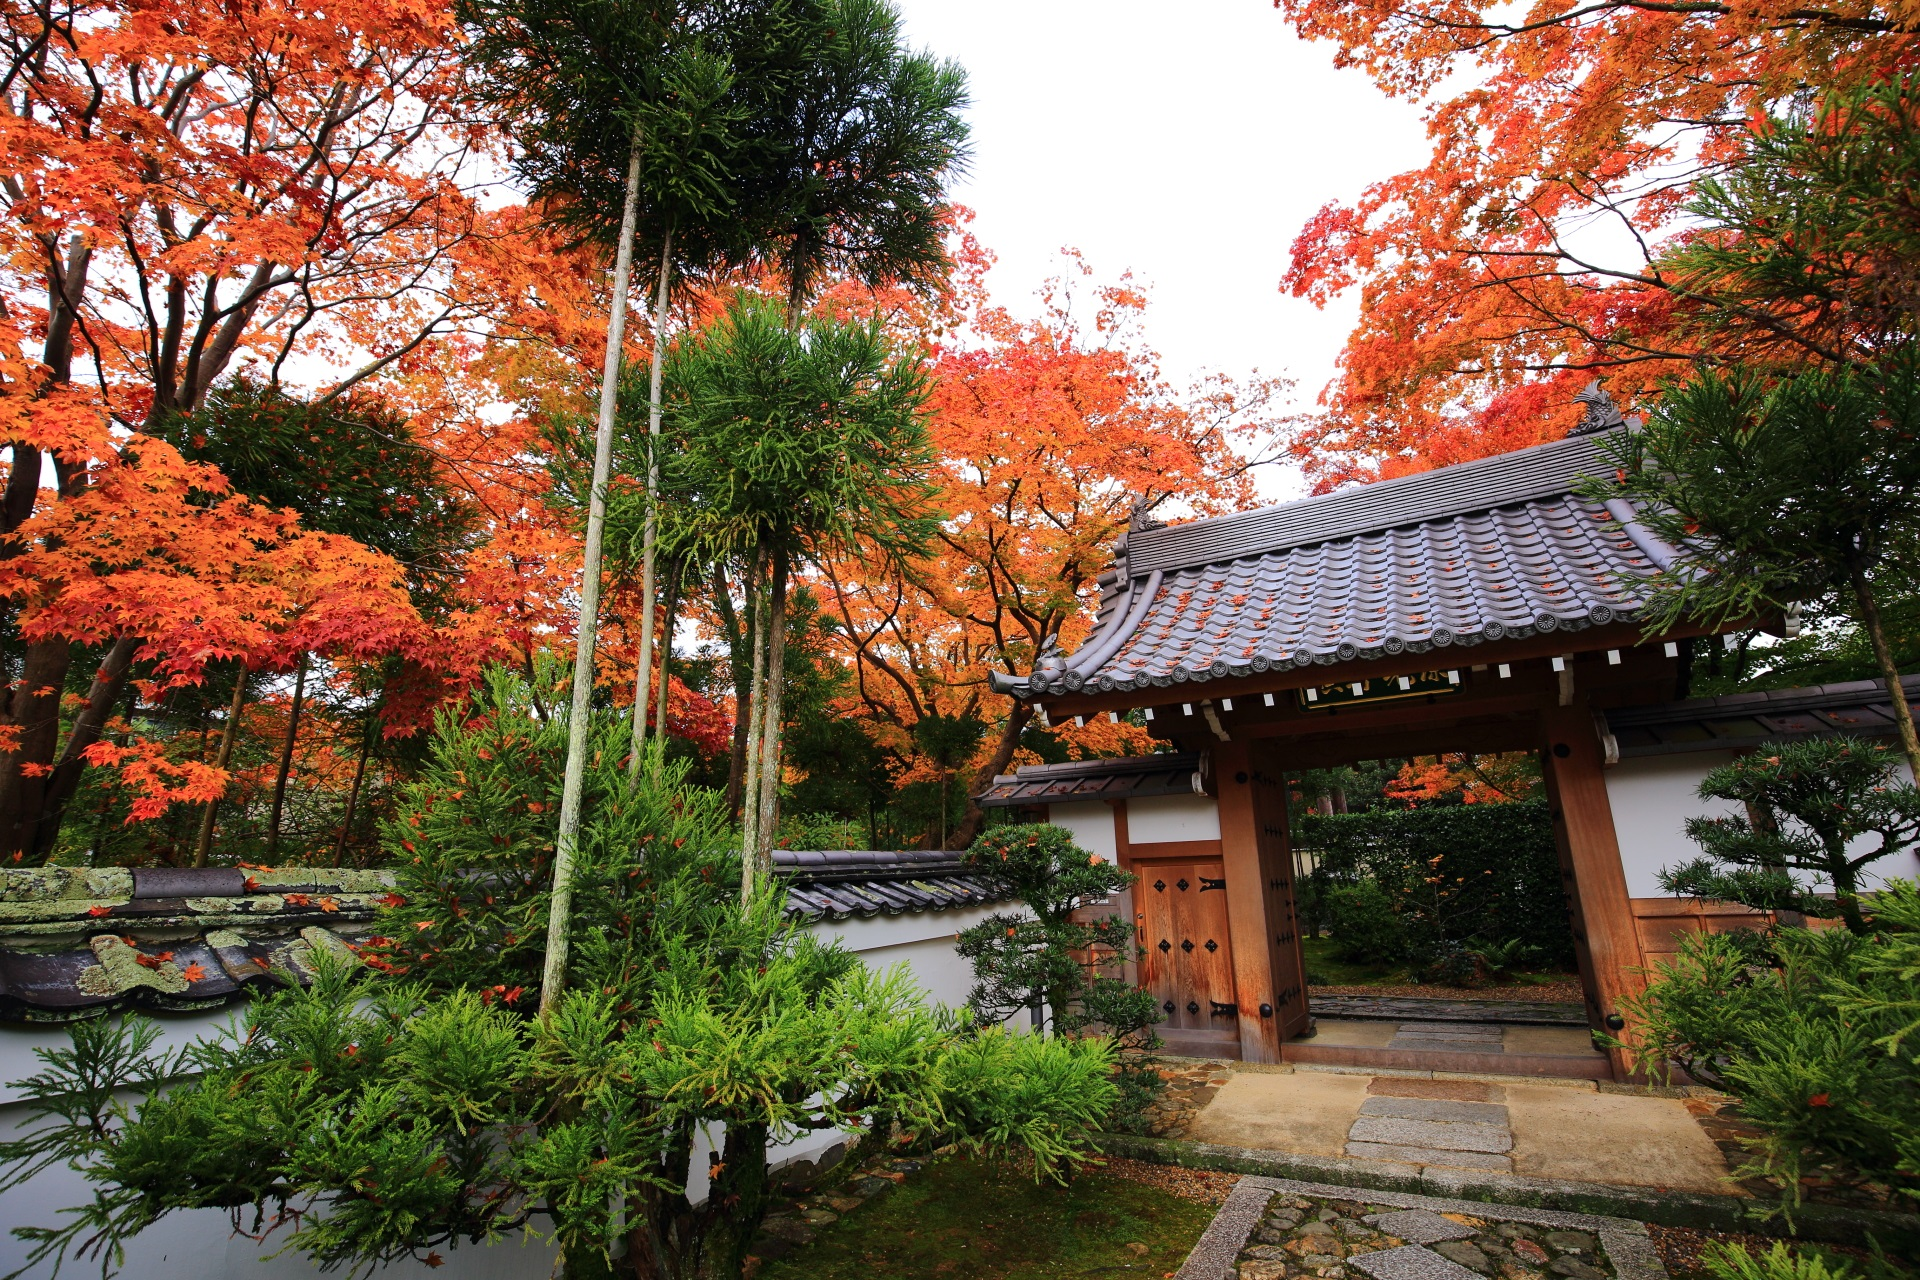 柔らかな紅葉につつまれた源光庵の表門